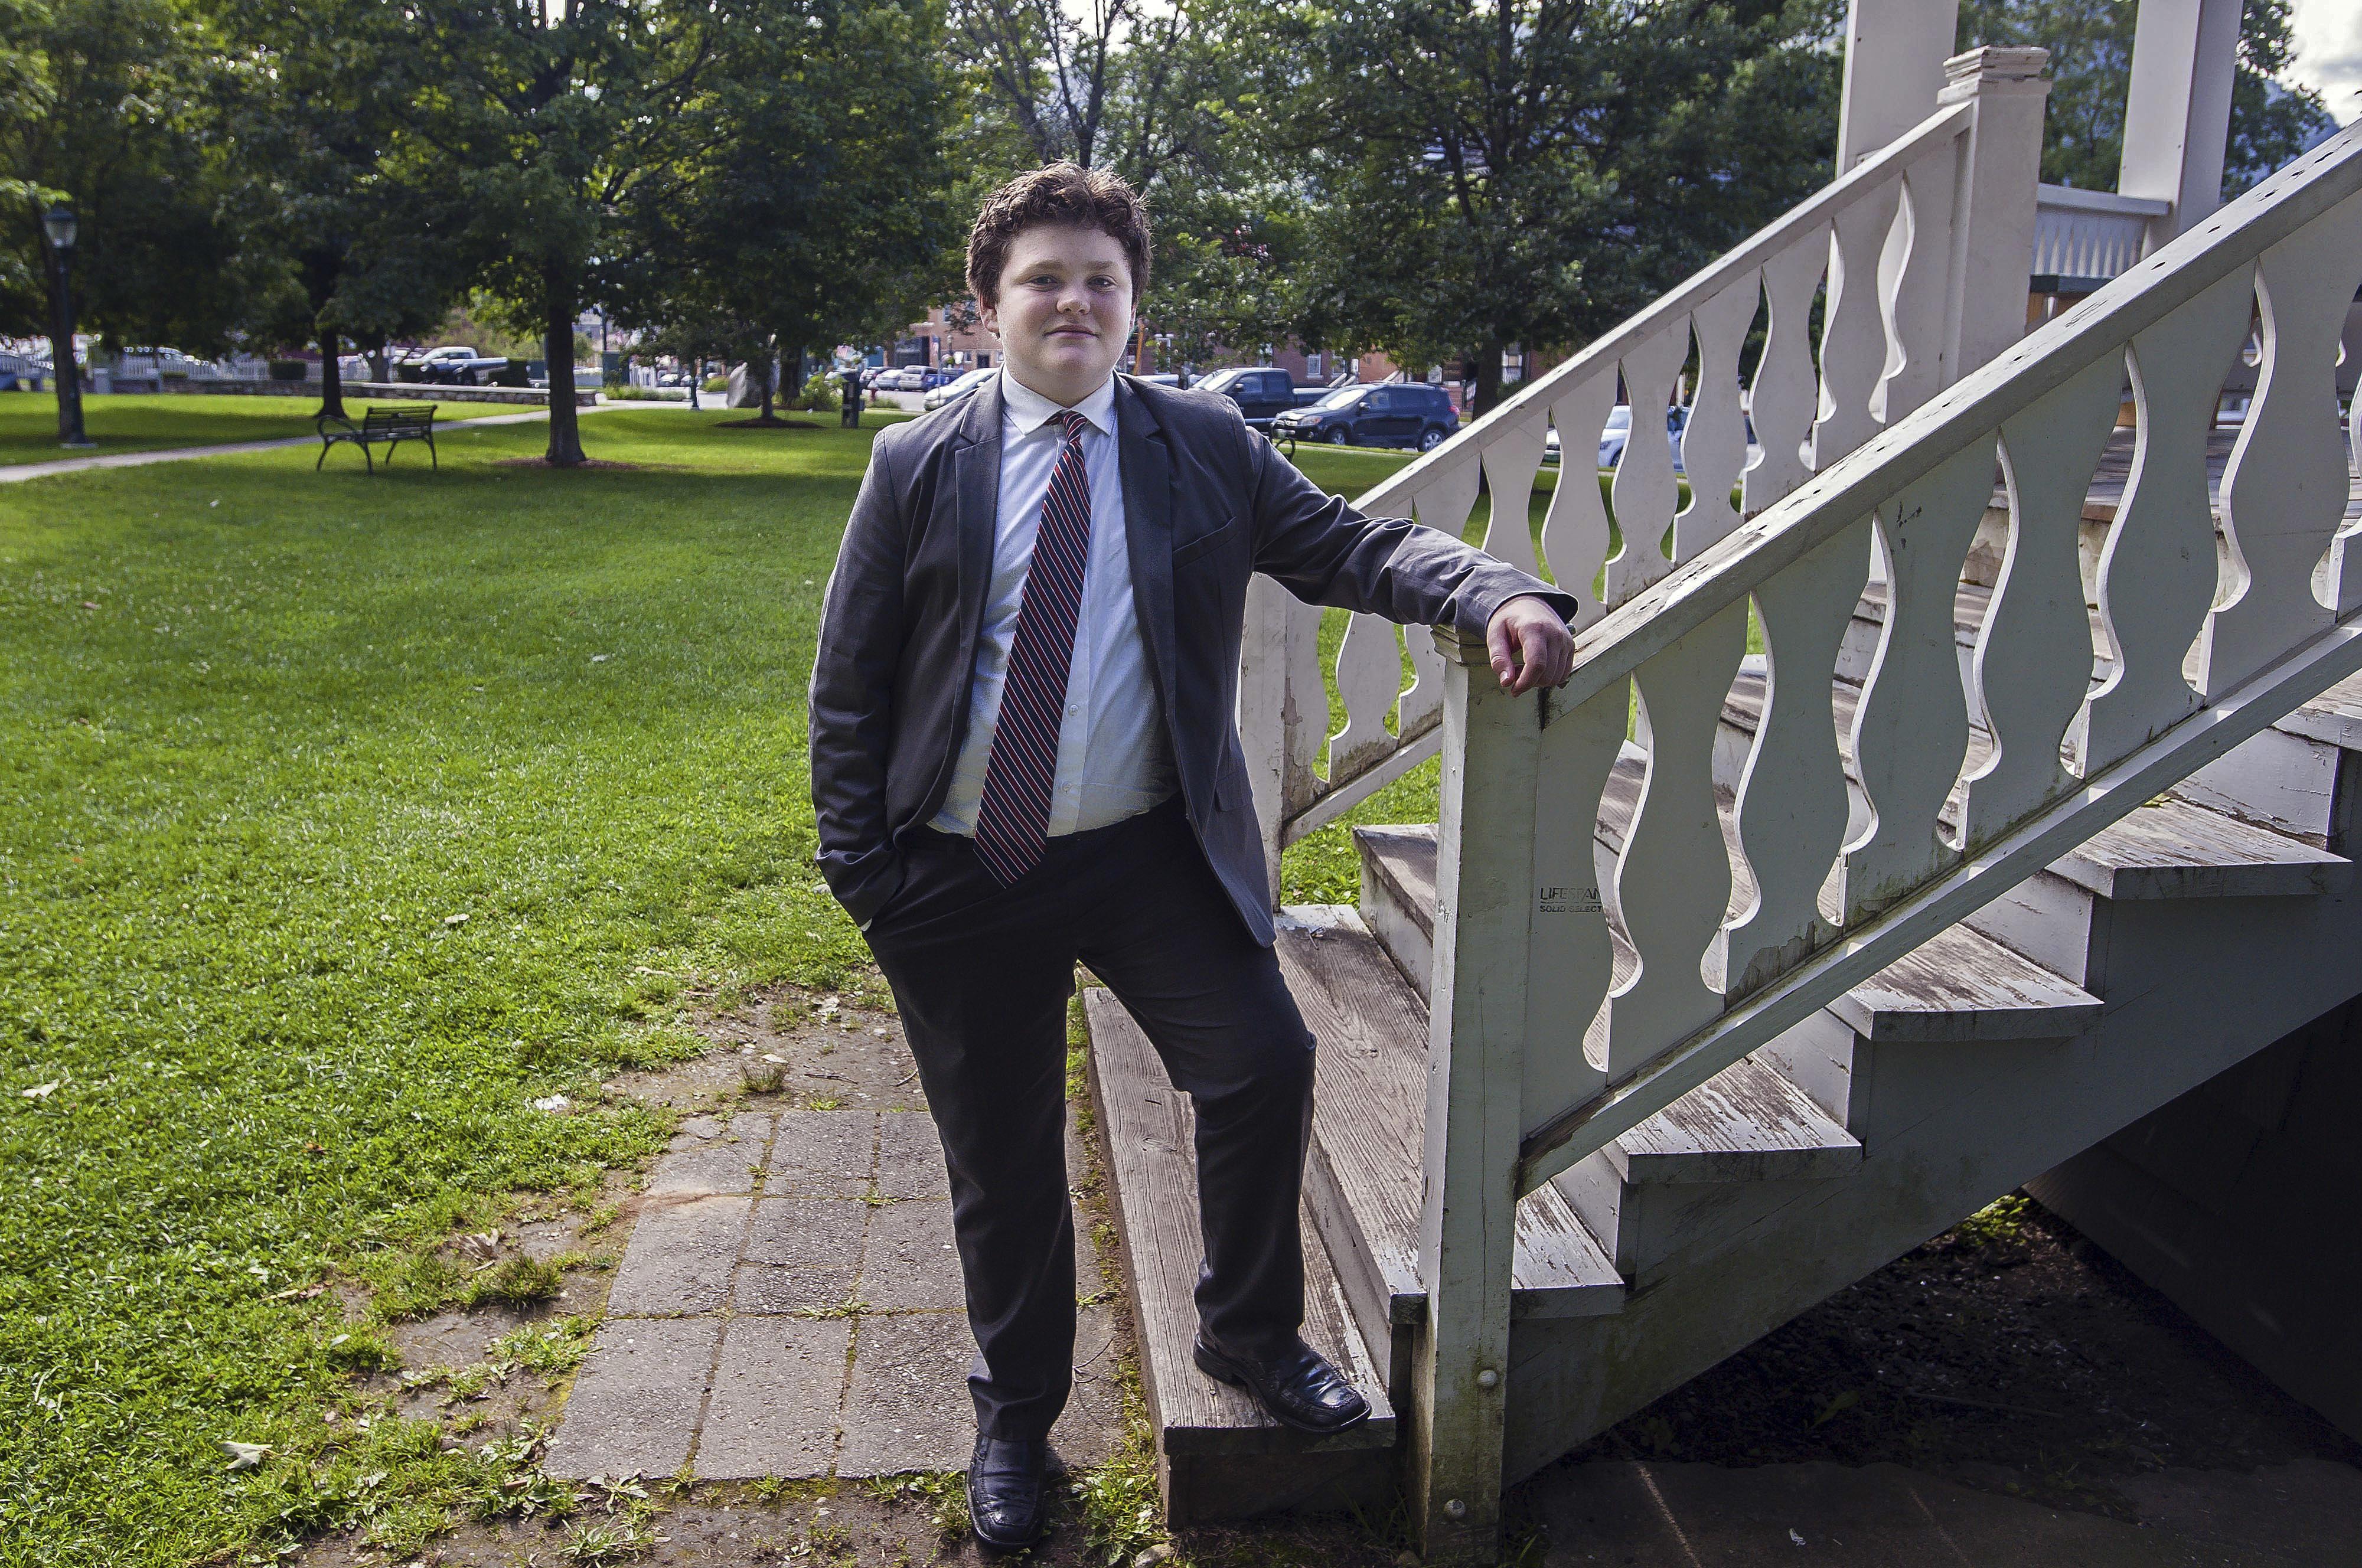 ¡Increíble! Joven de 14 años se postula para gobernador en Estados Unidos